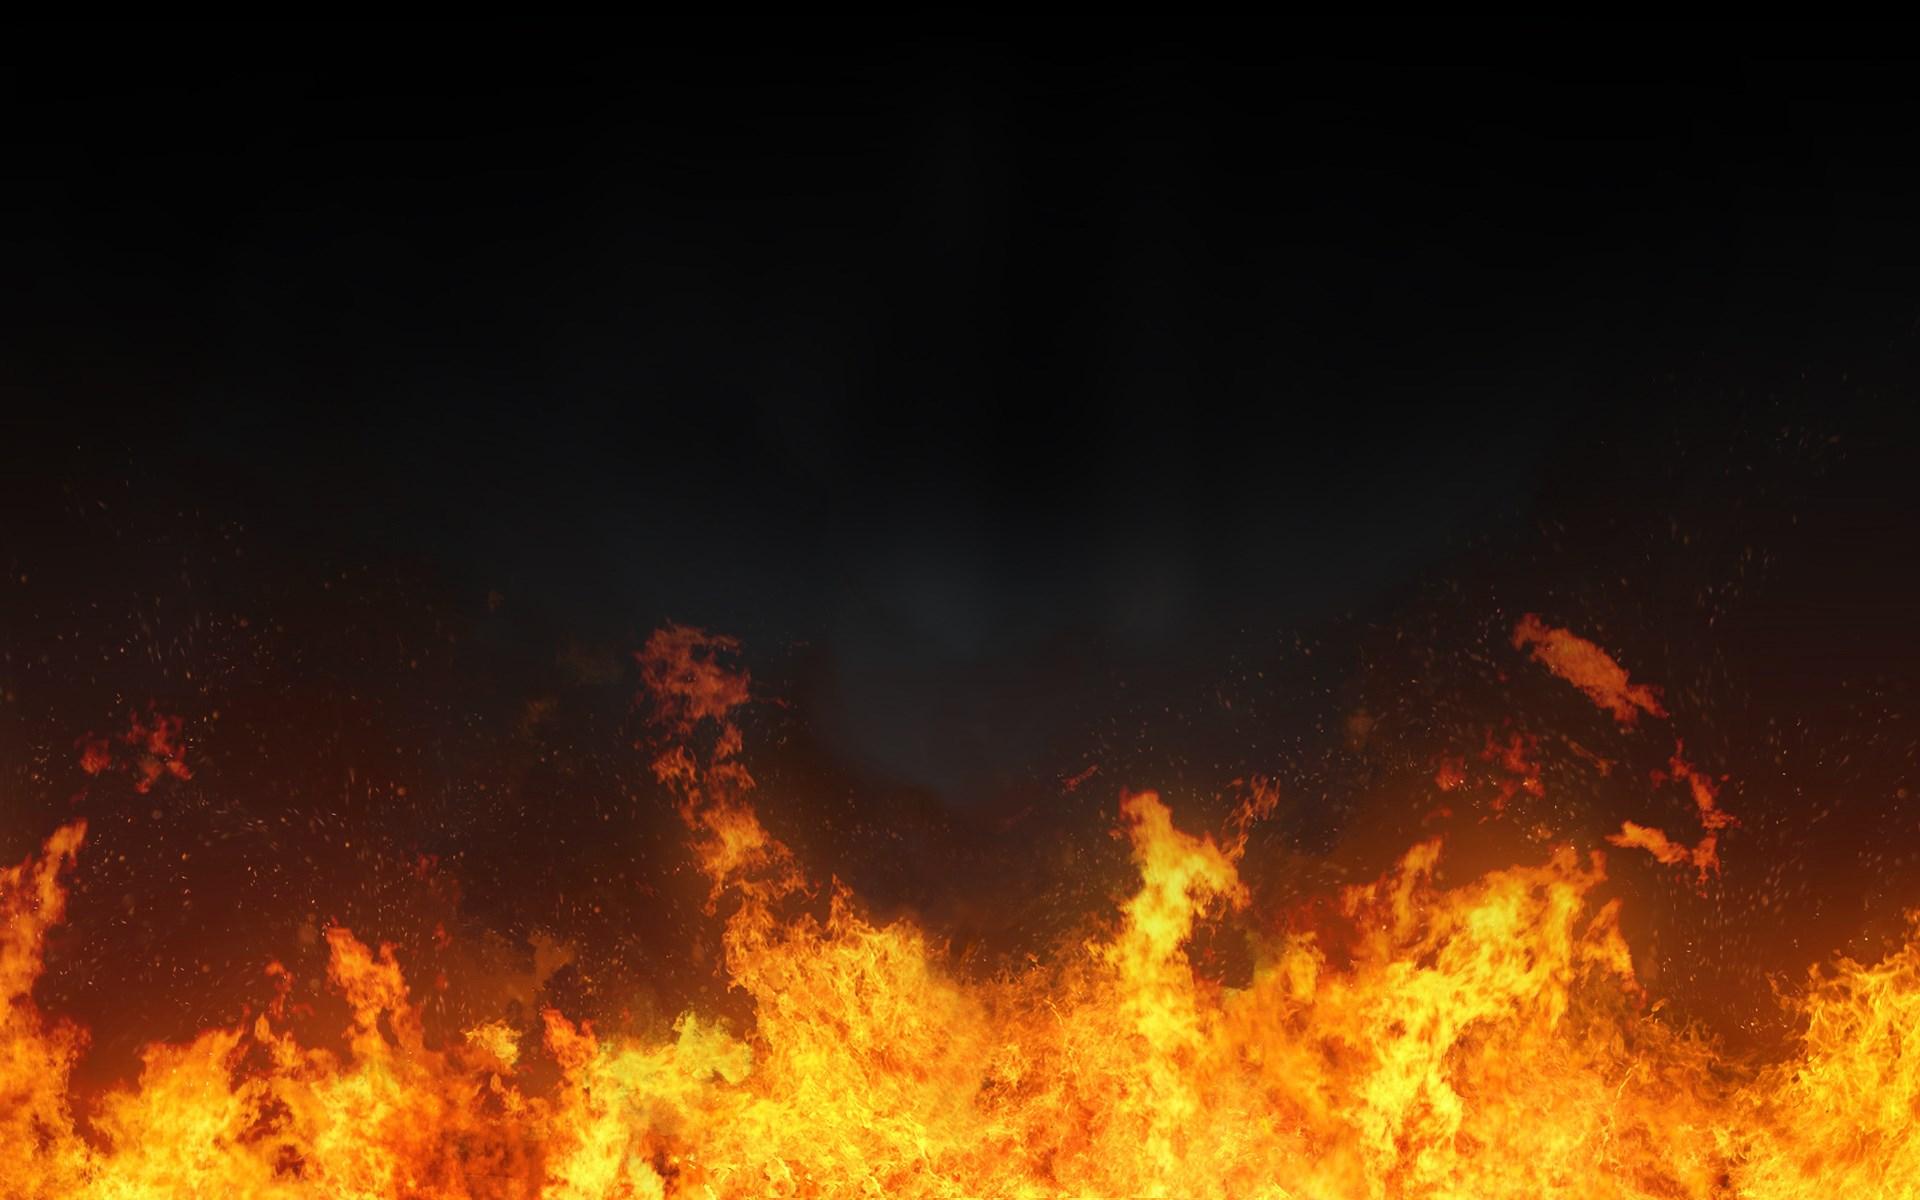 Hình nền ngọn lửa